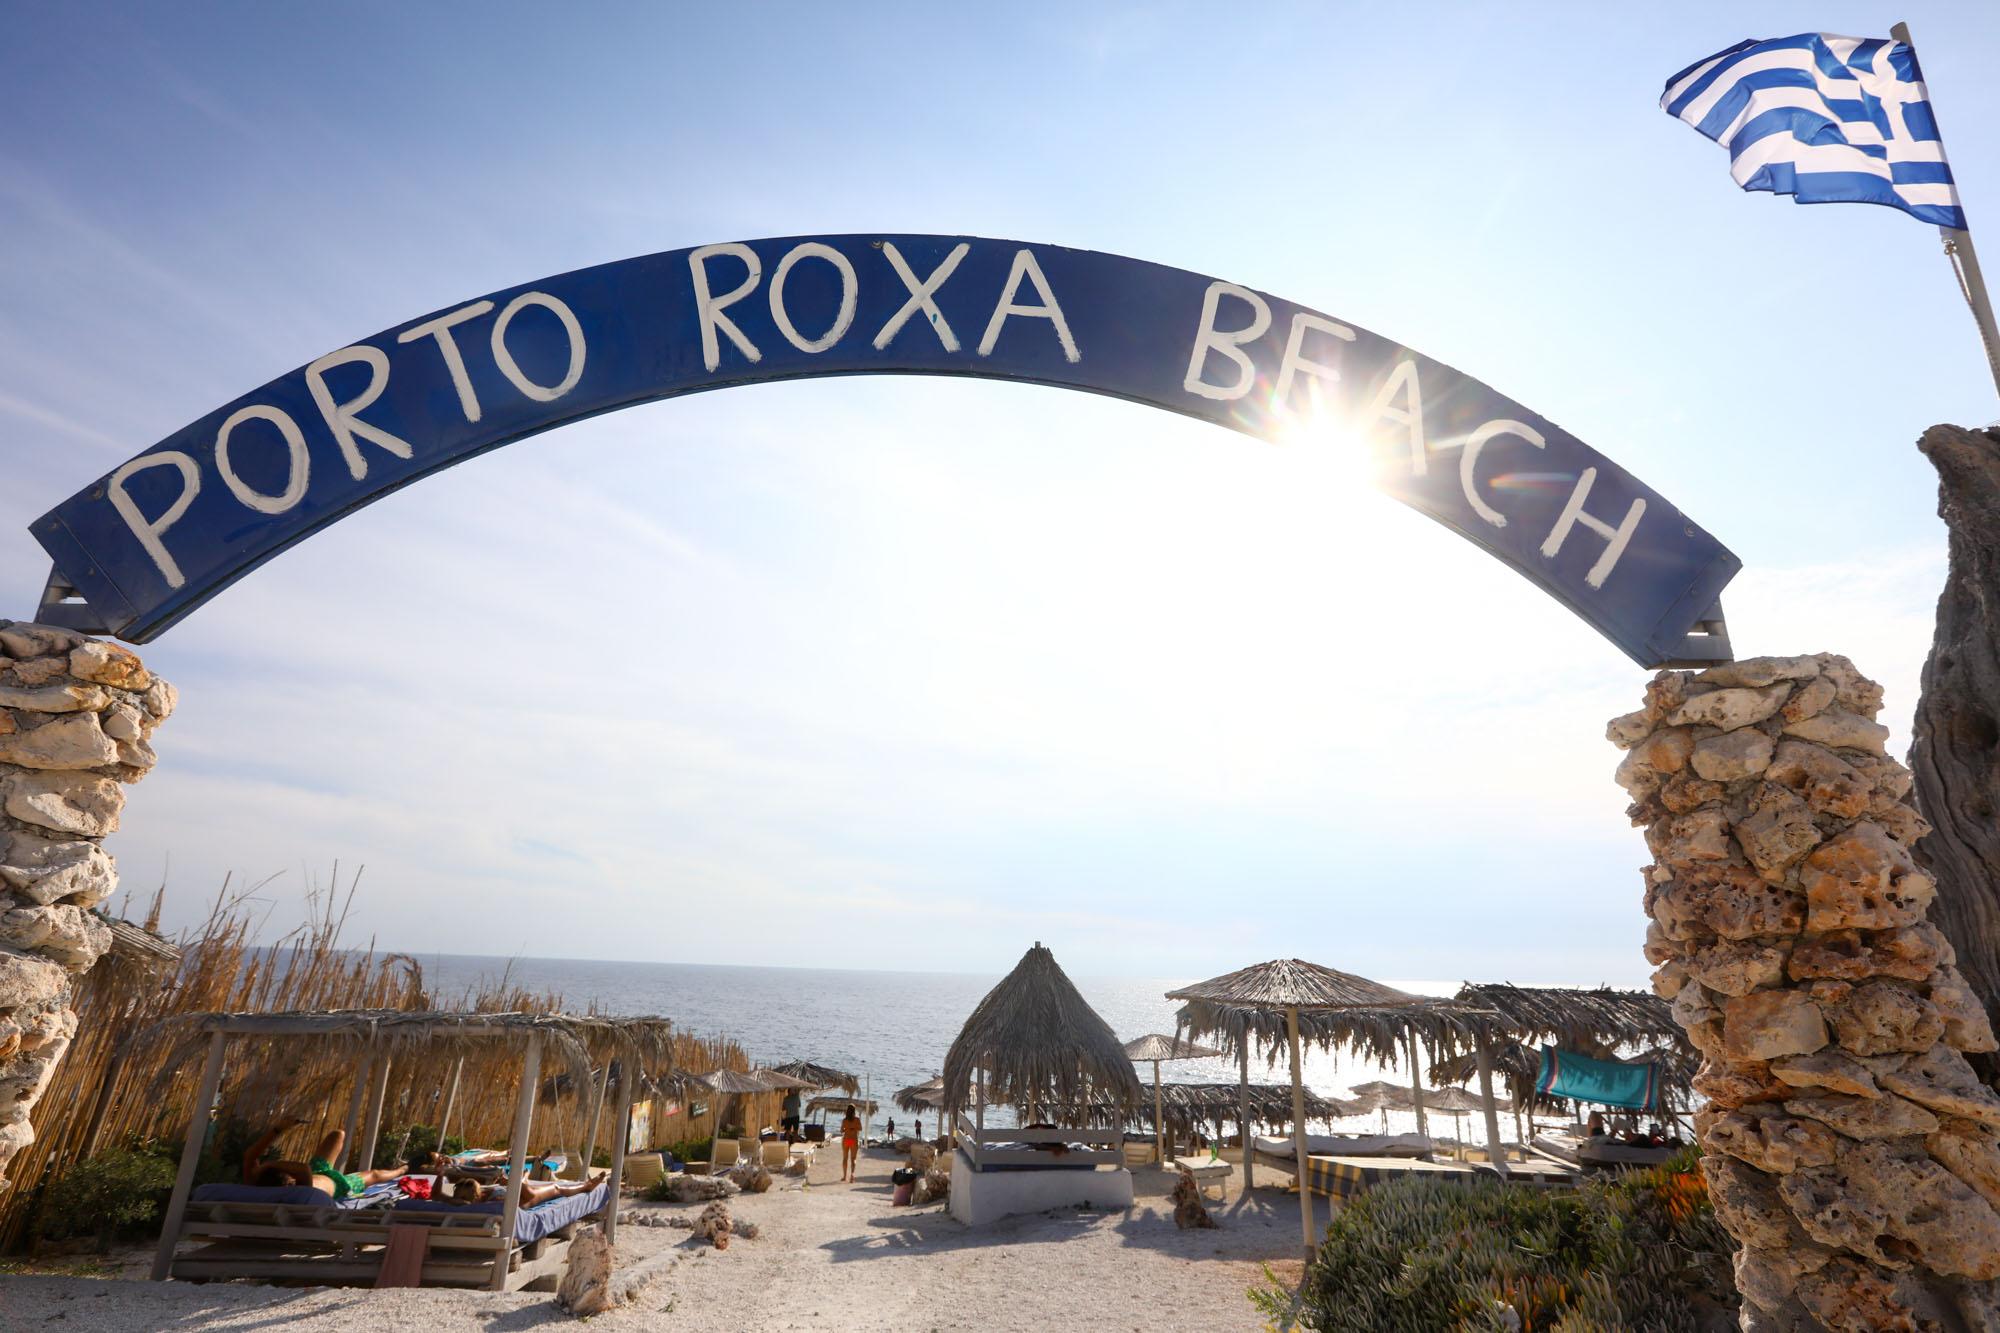 Porto Roxa